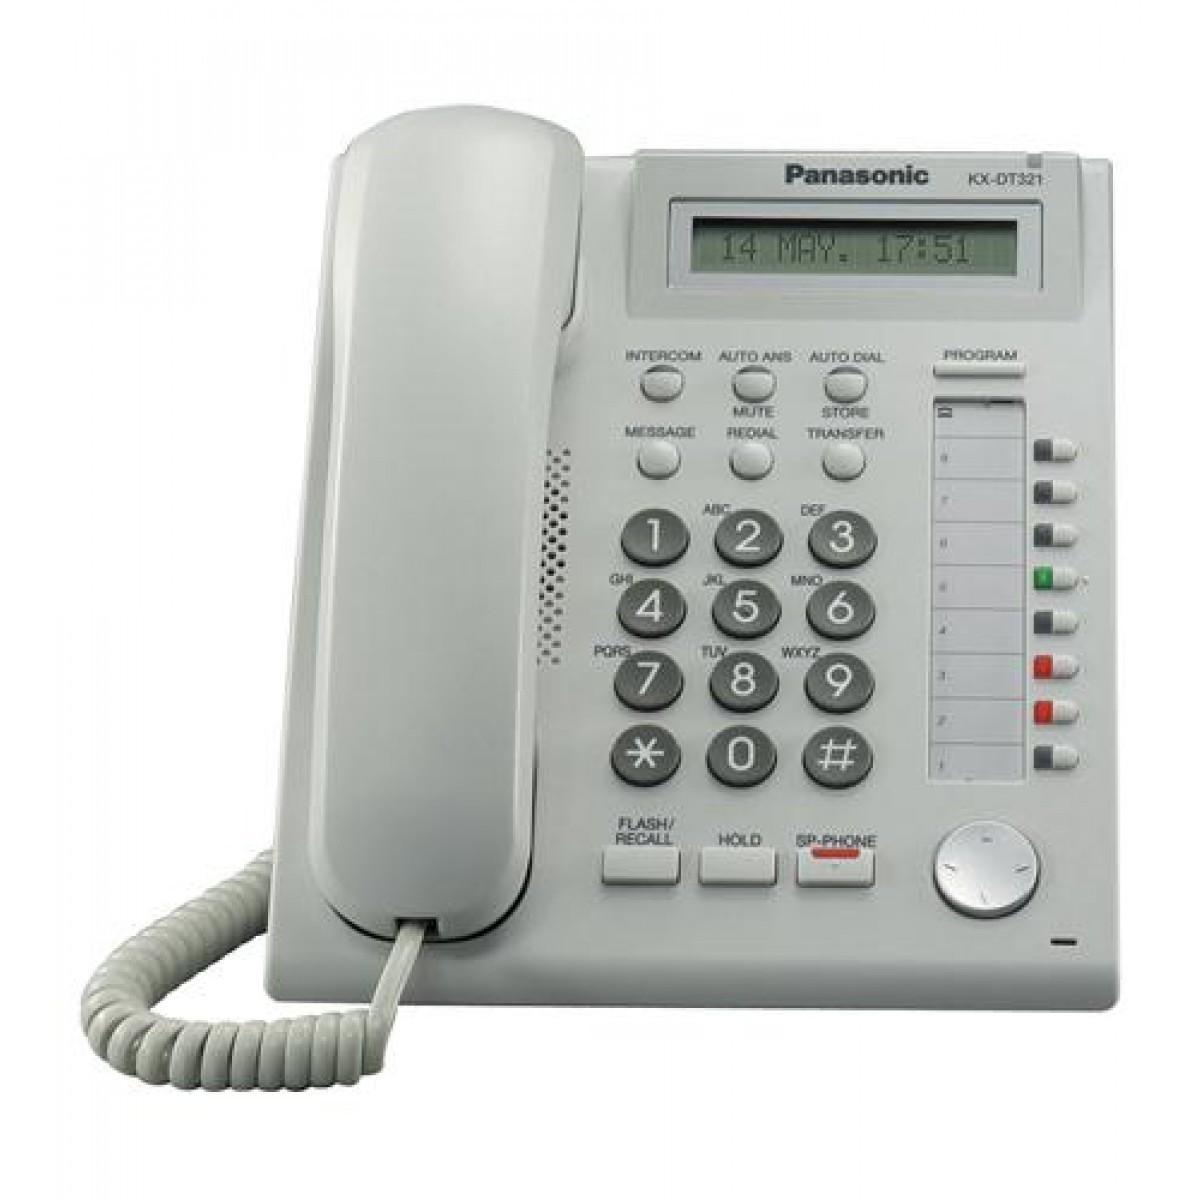 panasonic-digital-proprietary-telepon-kx-dt321-7524-765028-1